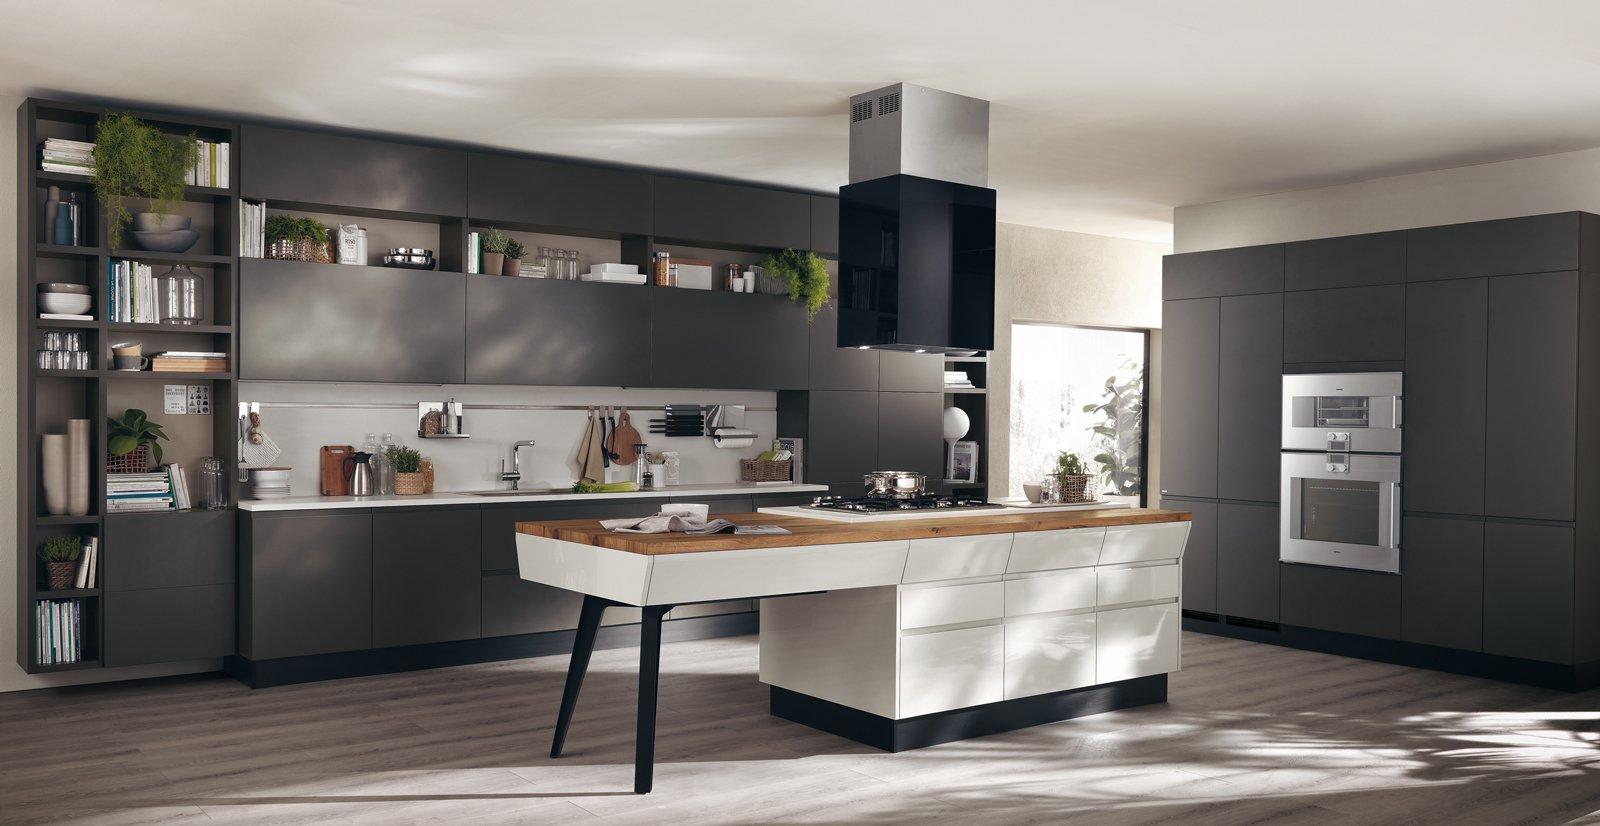 Cucina con isola e tavolo estraibile, integrata nell\'area living